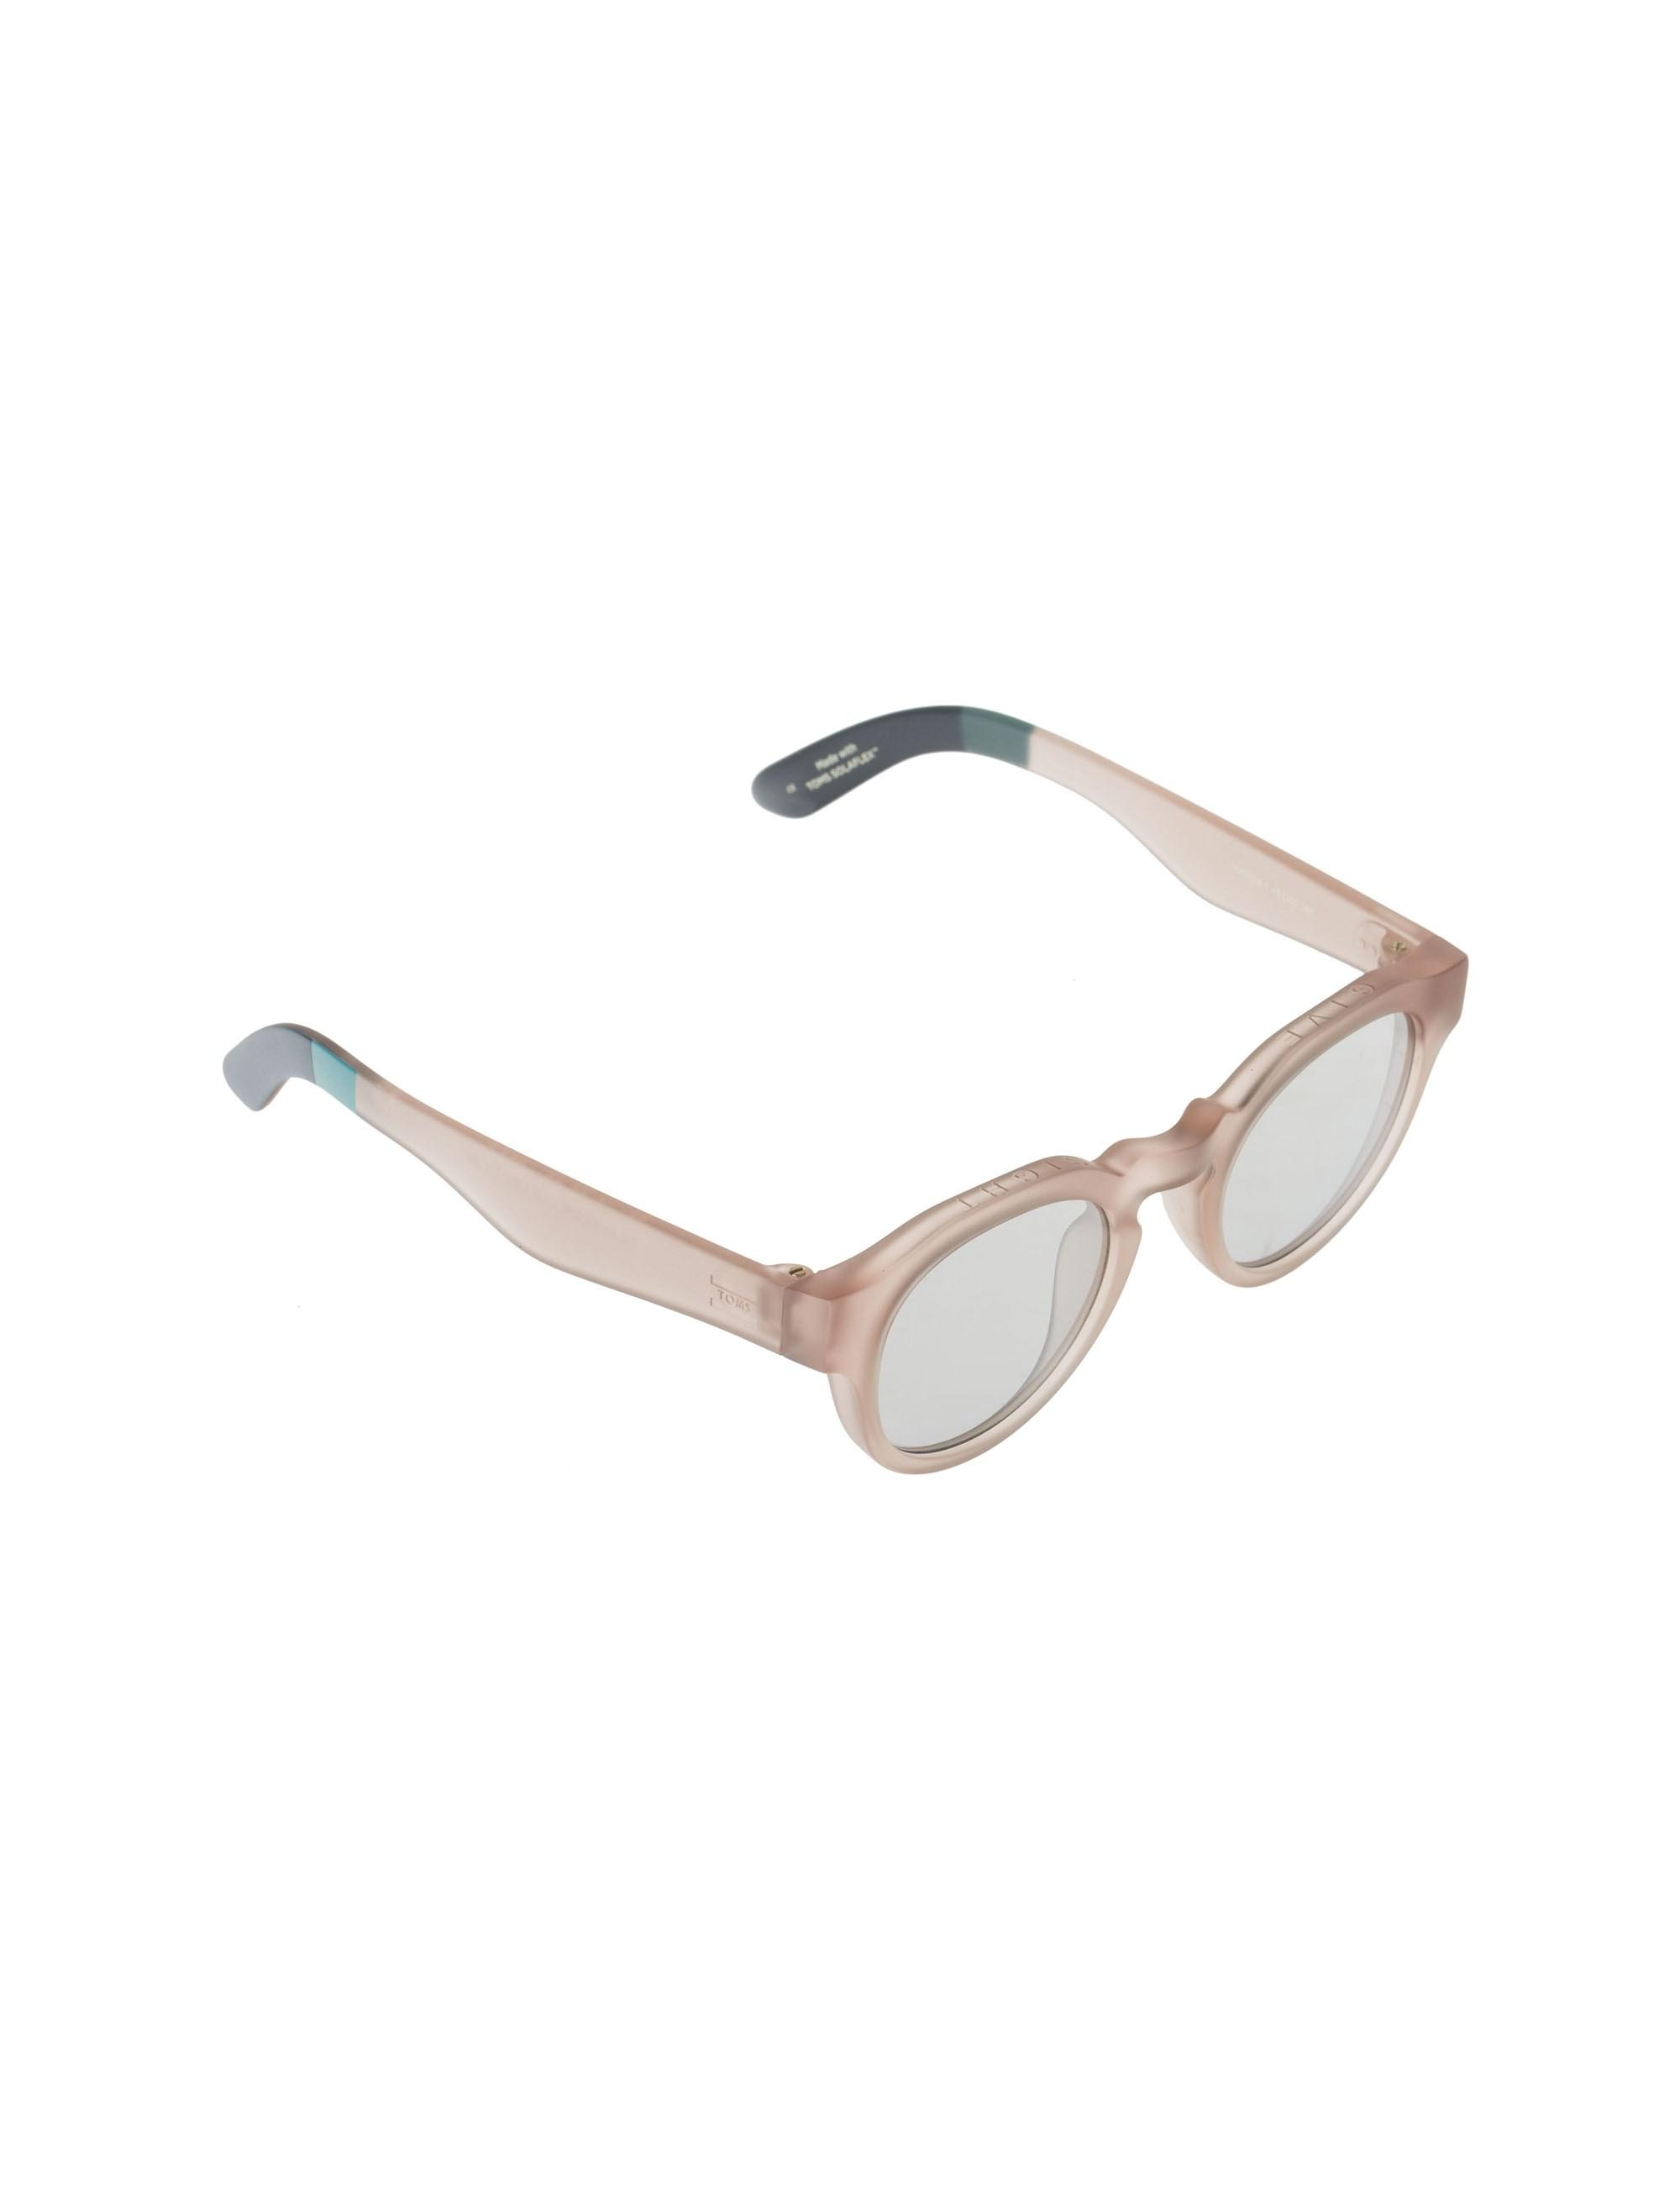 عینک آفتابی پنتوس بزرگسال Bryton - صورتي - 2